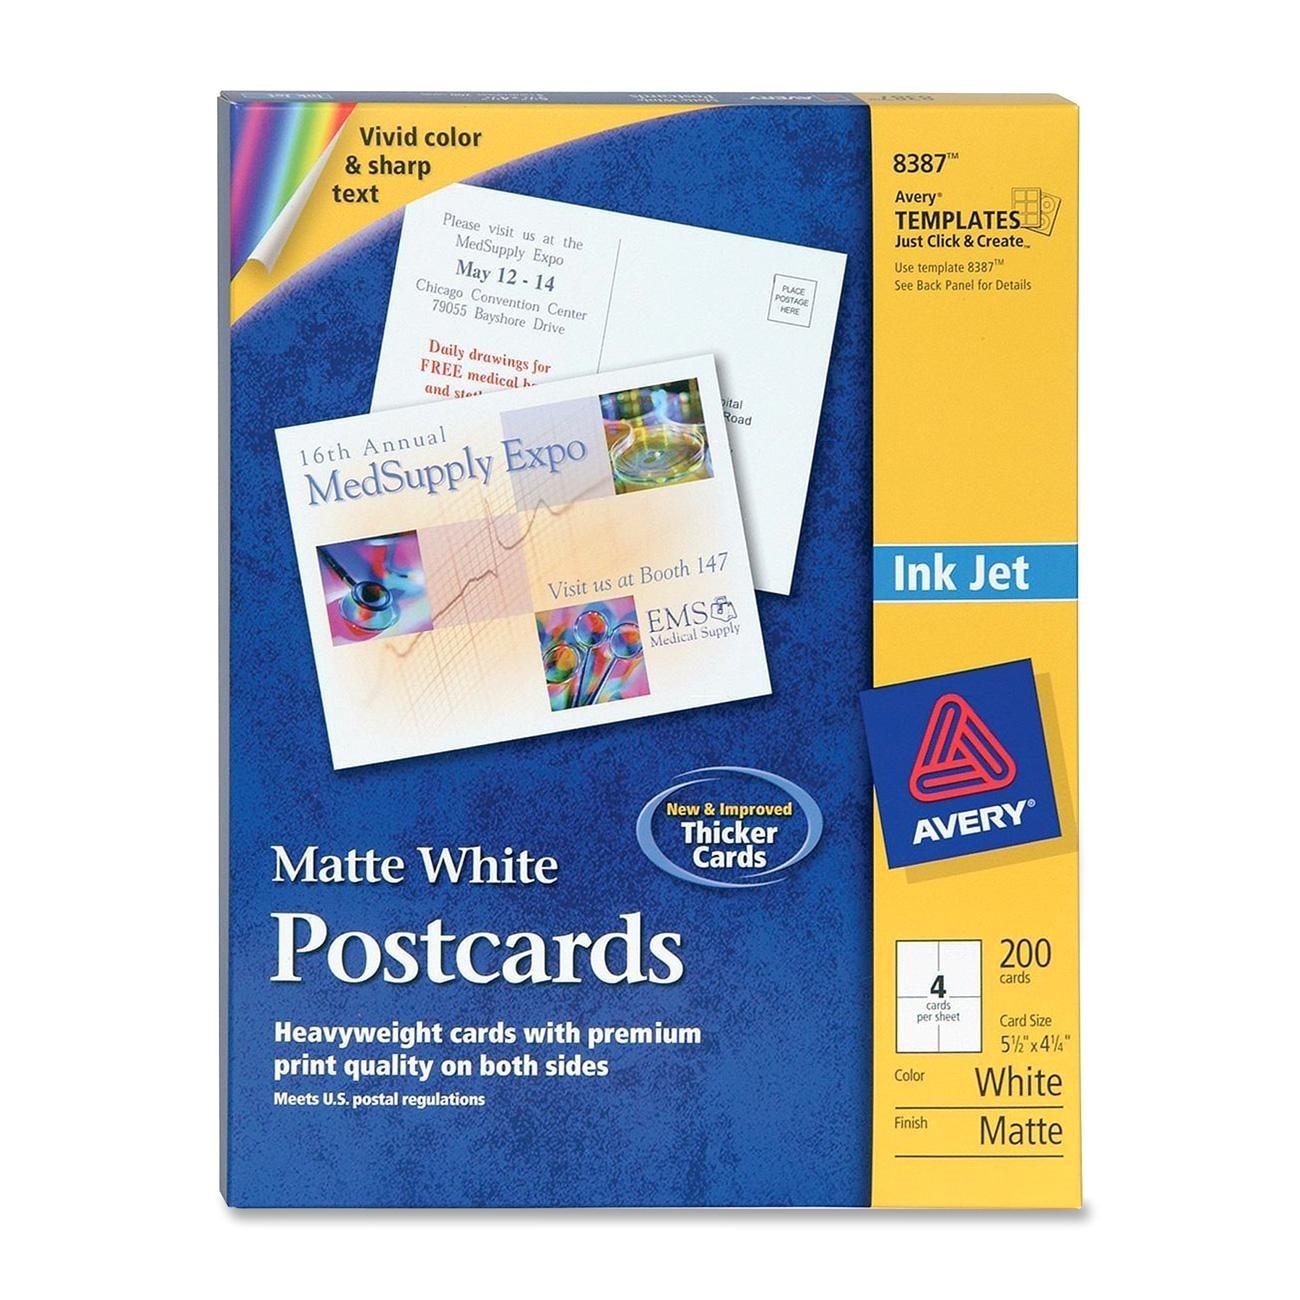 Avery Invitation Card Templates Avery Invitation Card Ld Products